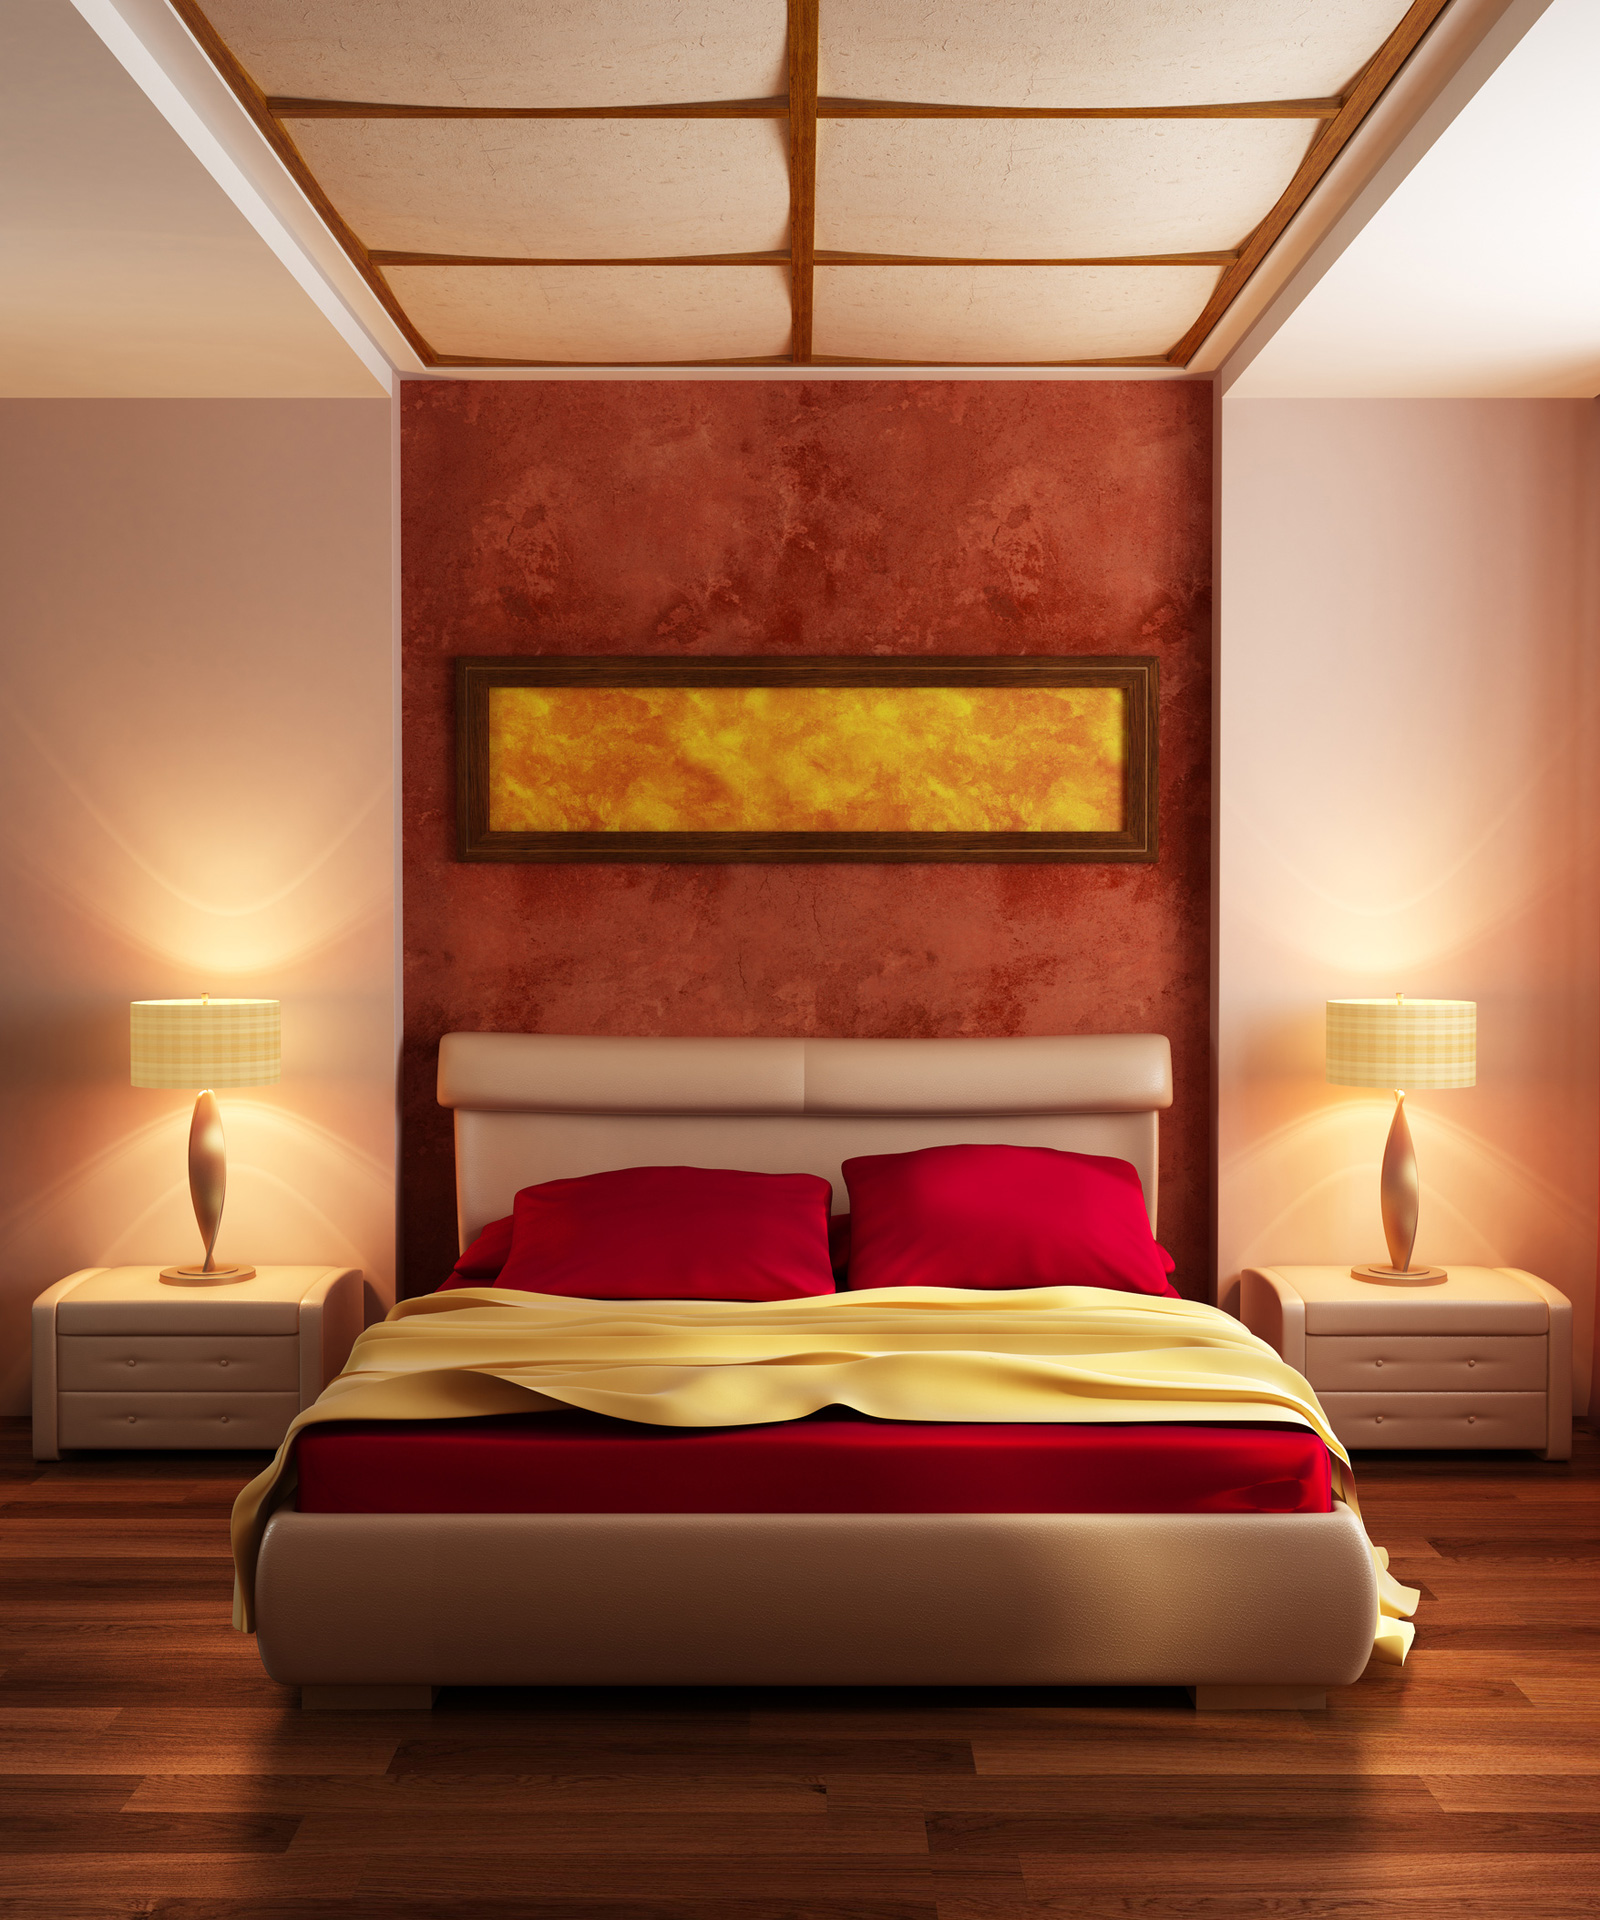 color bedroom ideas photo - 2